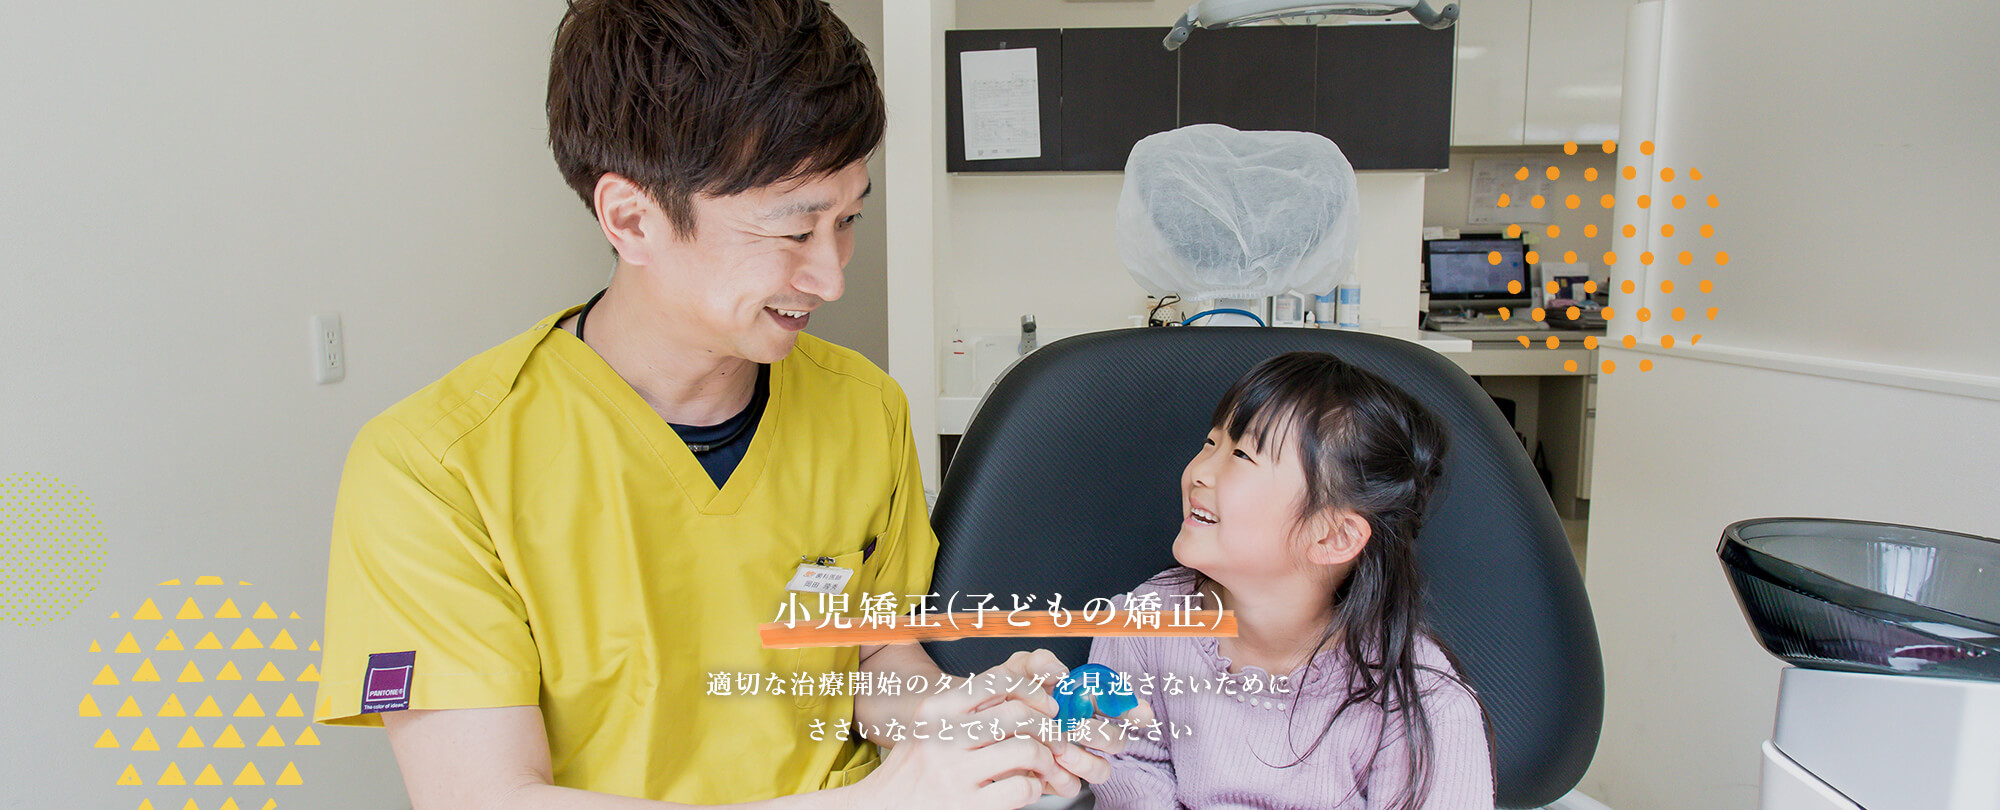 小児矯正(子どもの矯正) なら和歌山県橋本市のおかだ歯科クリニック